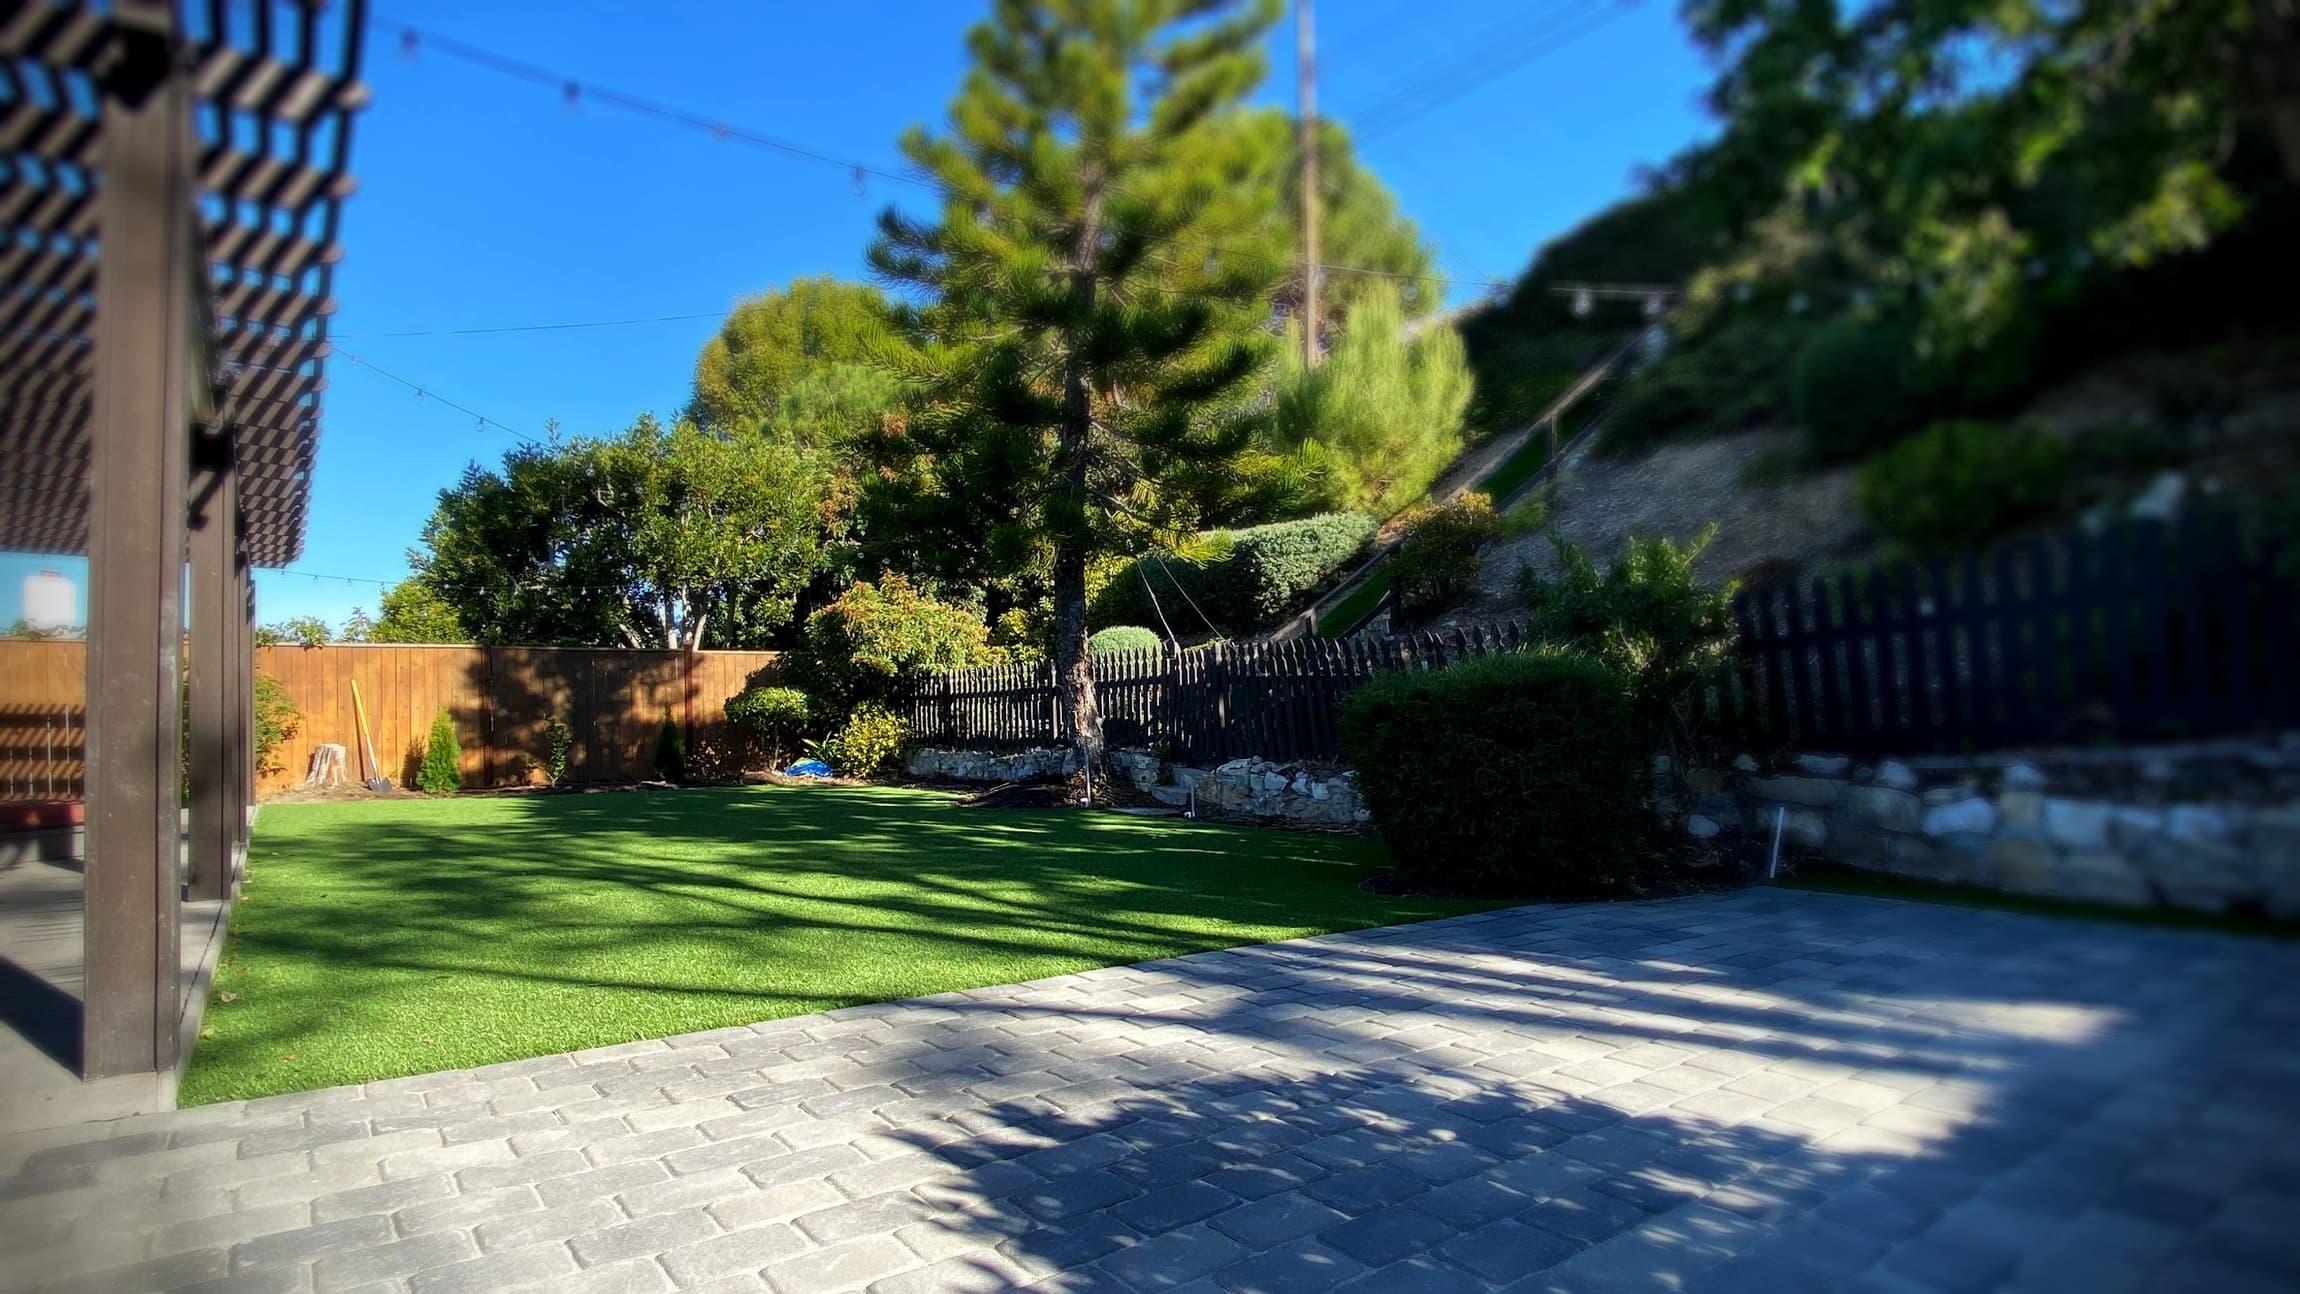 turf and pavers